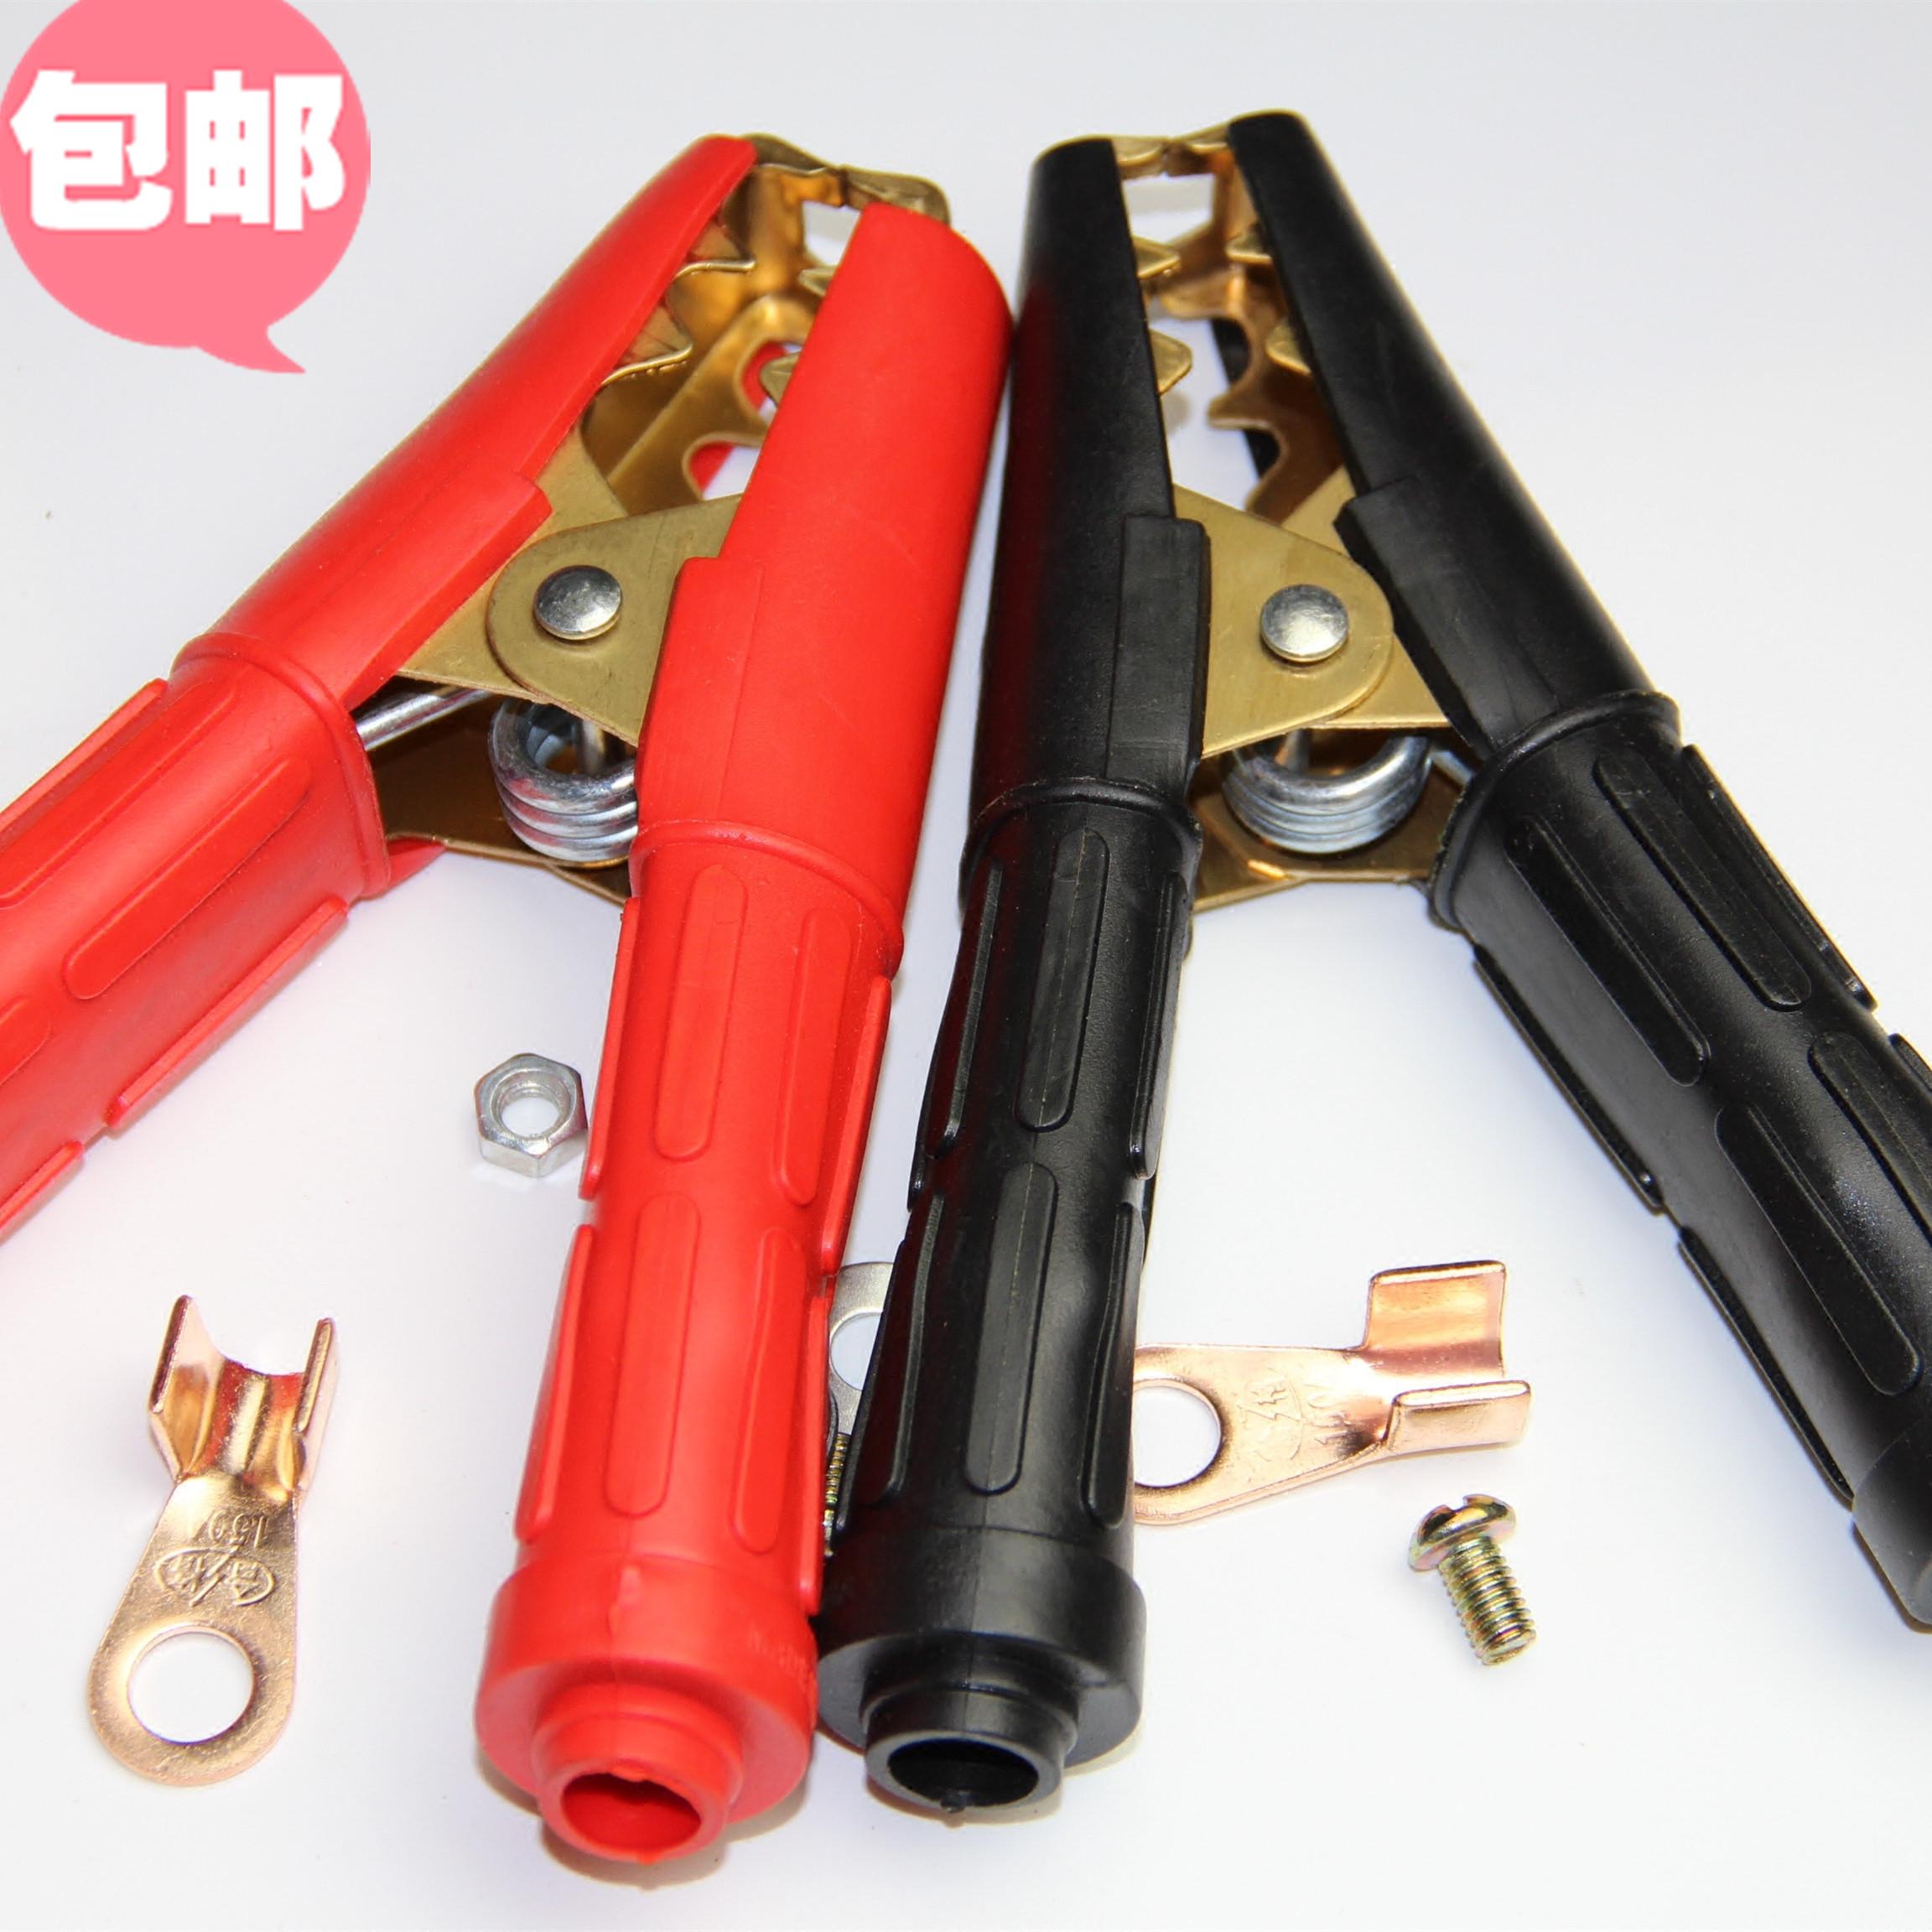 纯铜电瓶连接线夹子加厚汽车搭电鳄鱼夹线夹强力大号铜卡子包邮